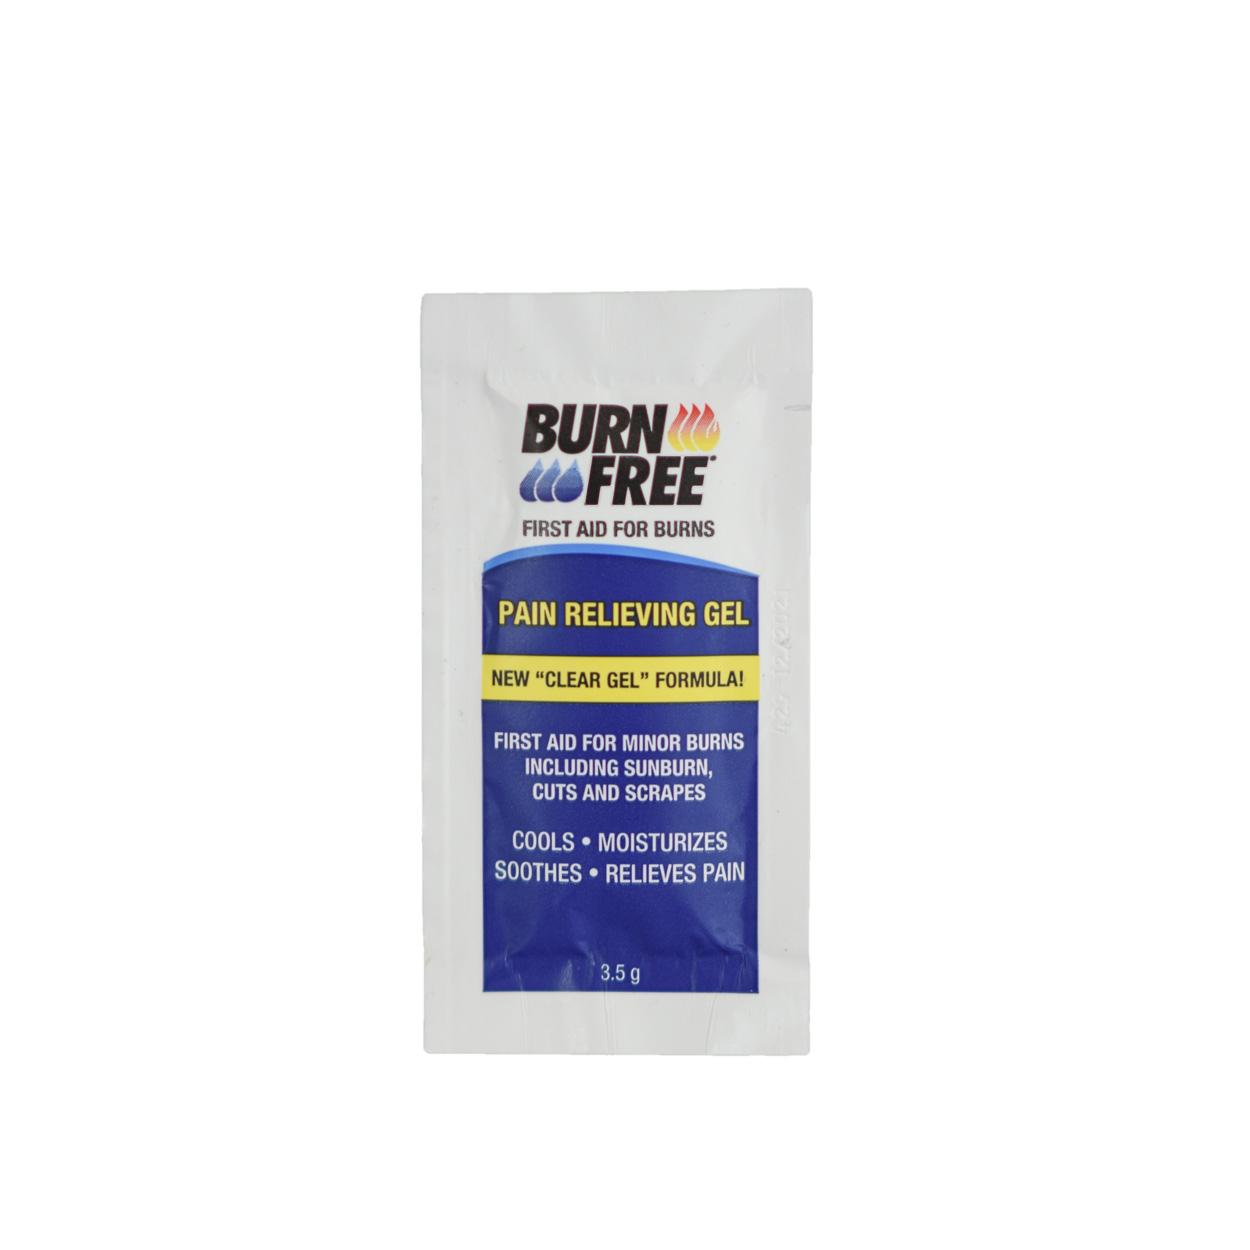 BurnFree Gel, 3,5g Päckchen